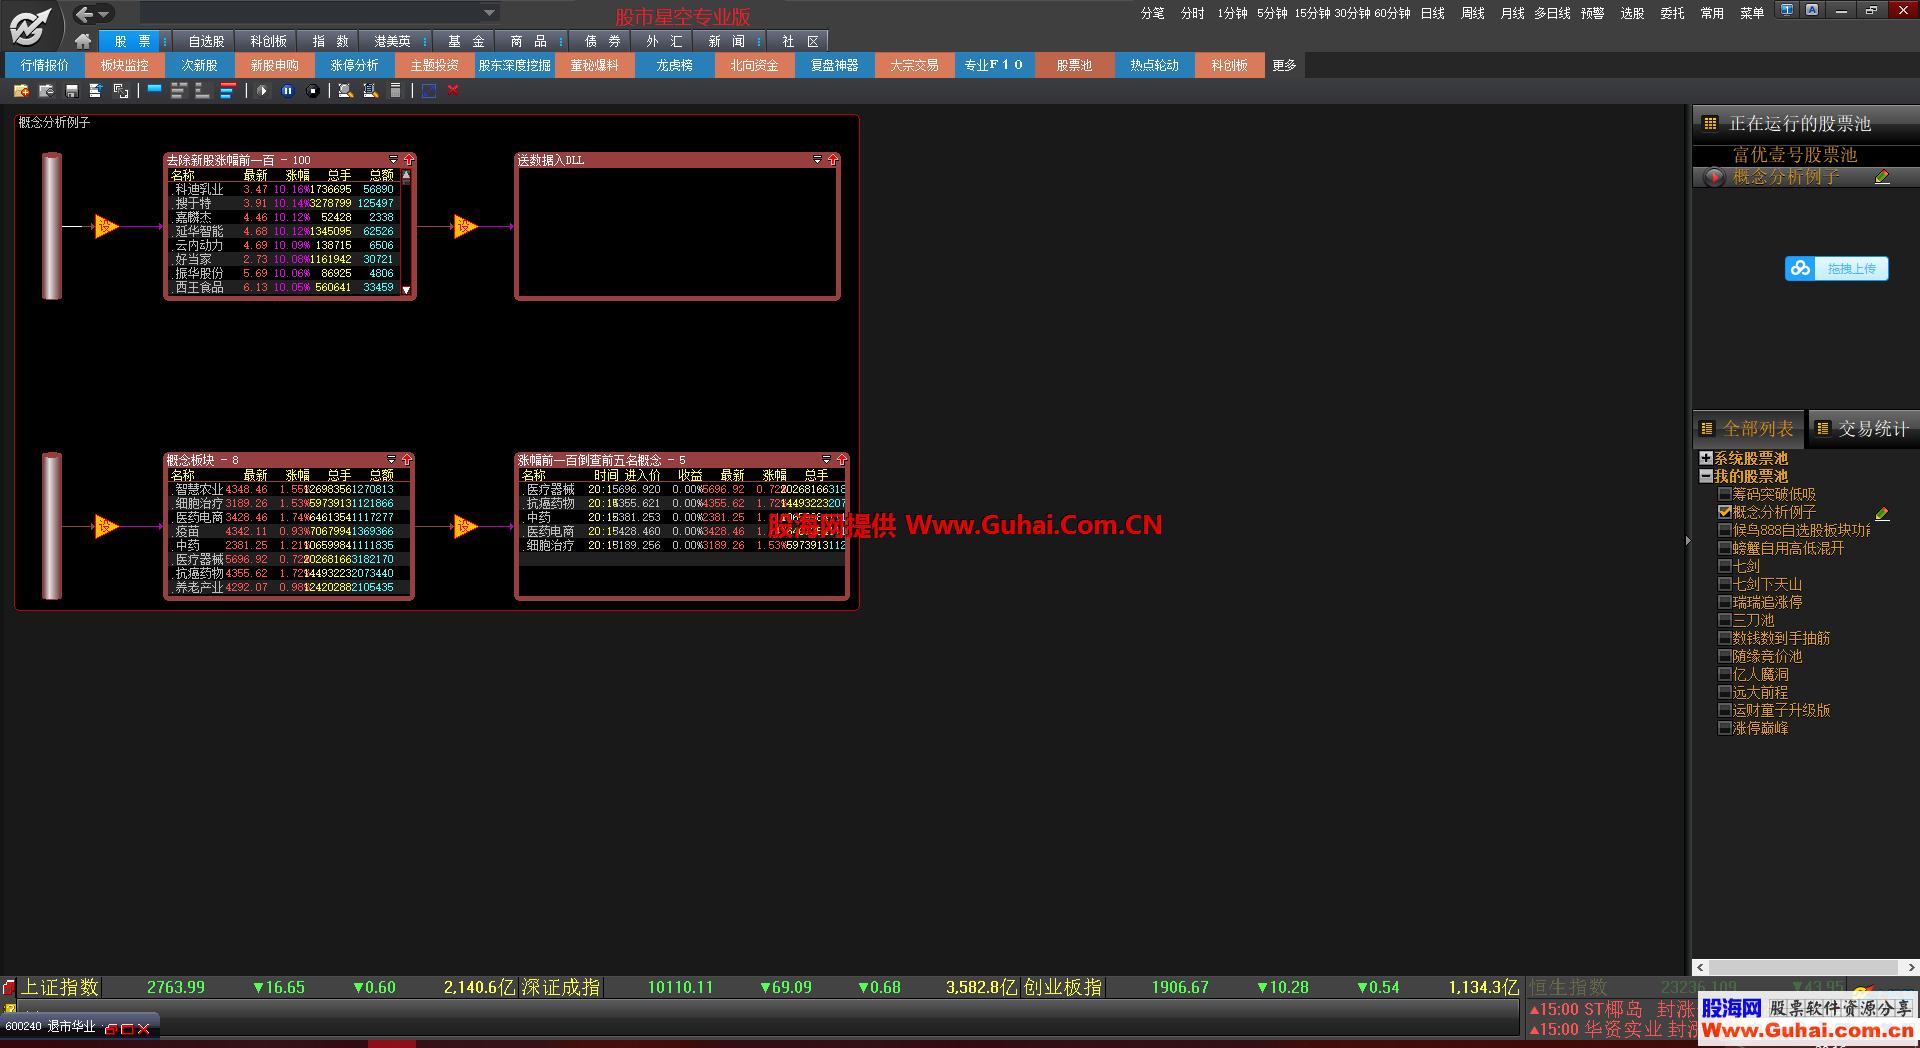 大智慧版塊分析股票池(貼圖)